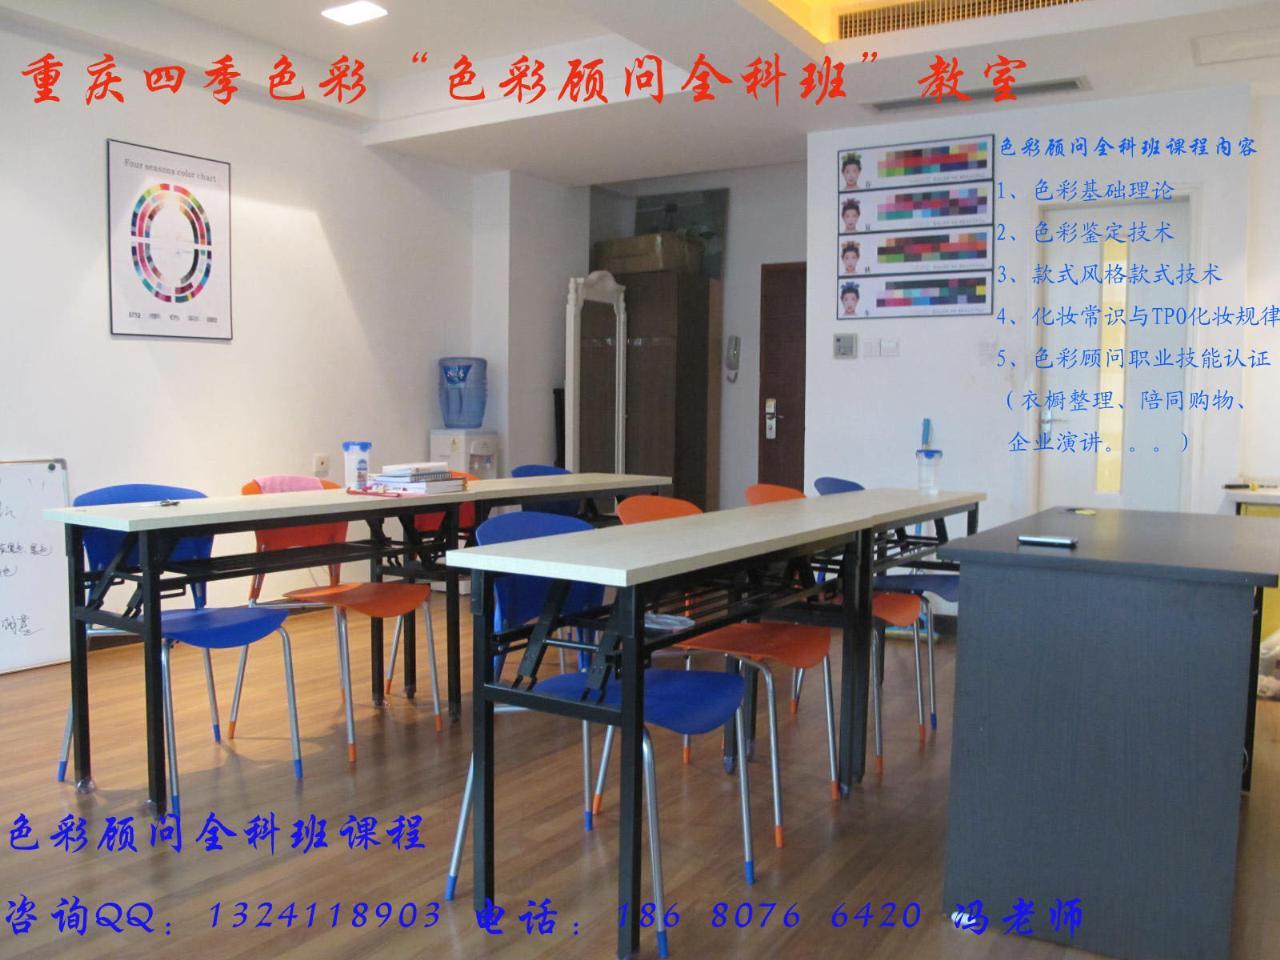 重慶哪有專業的色彩顧問培訓,色彩顧問的前景怎么樣?